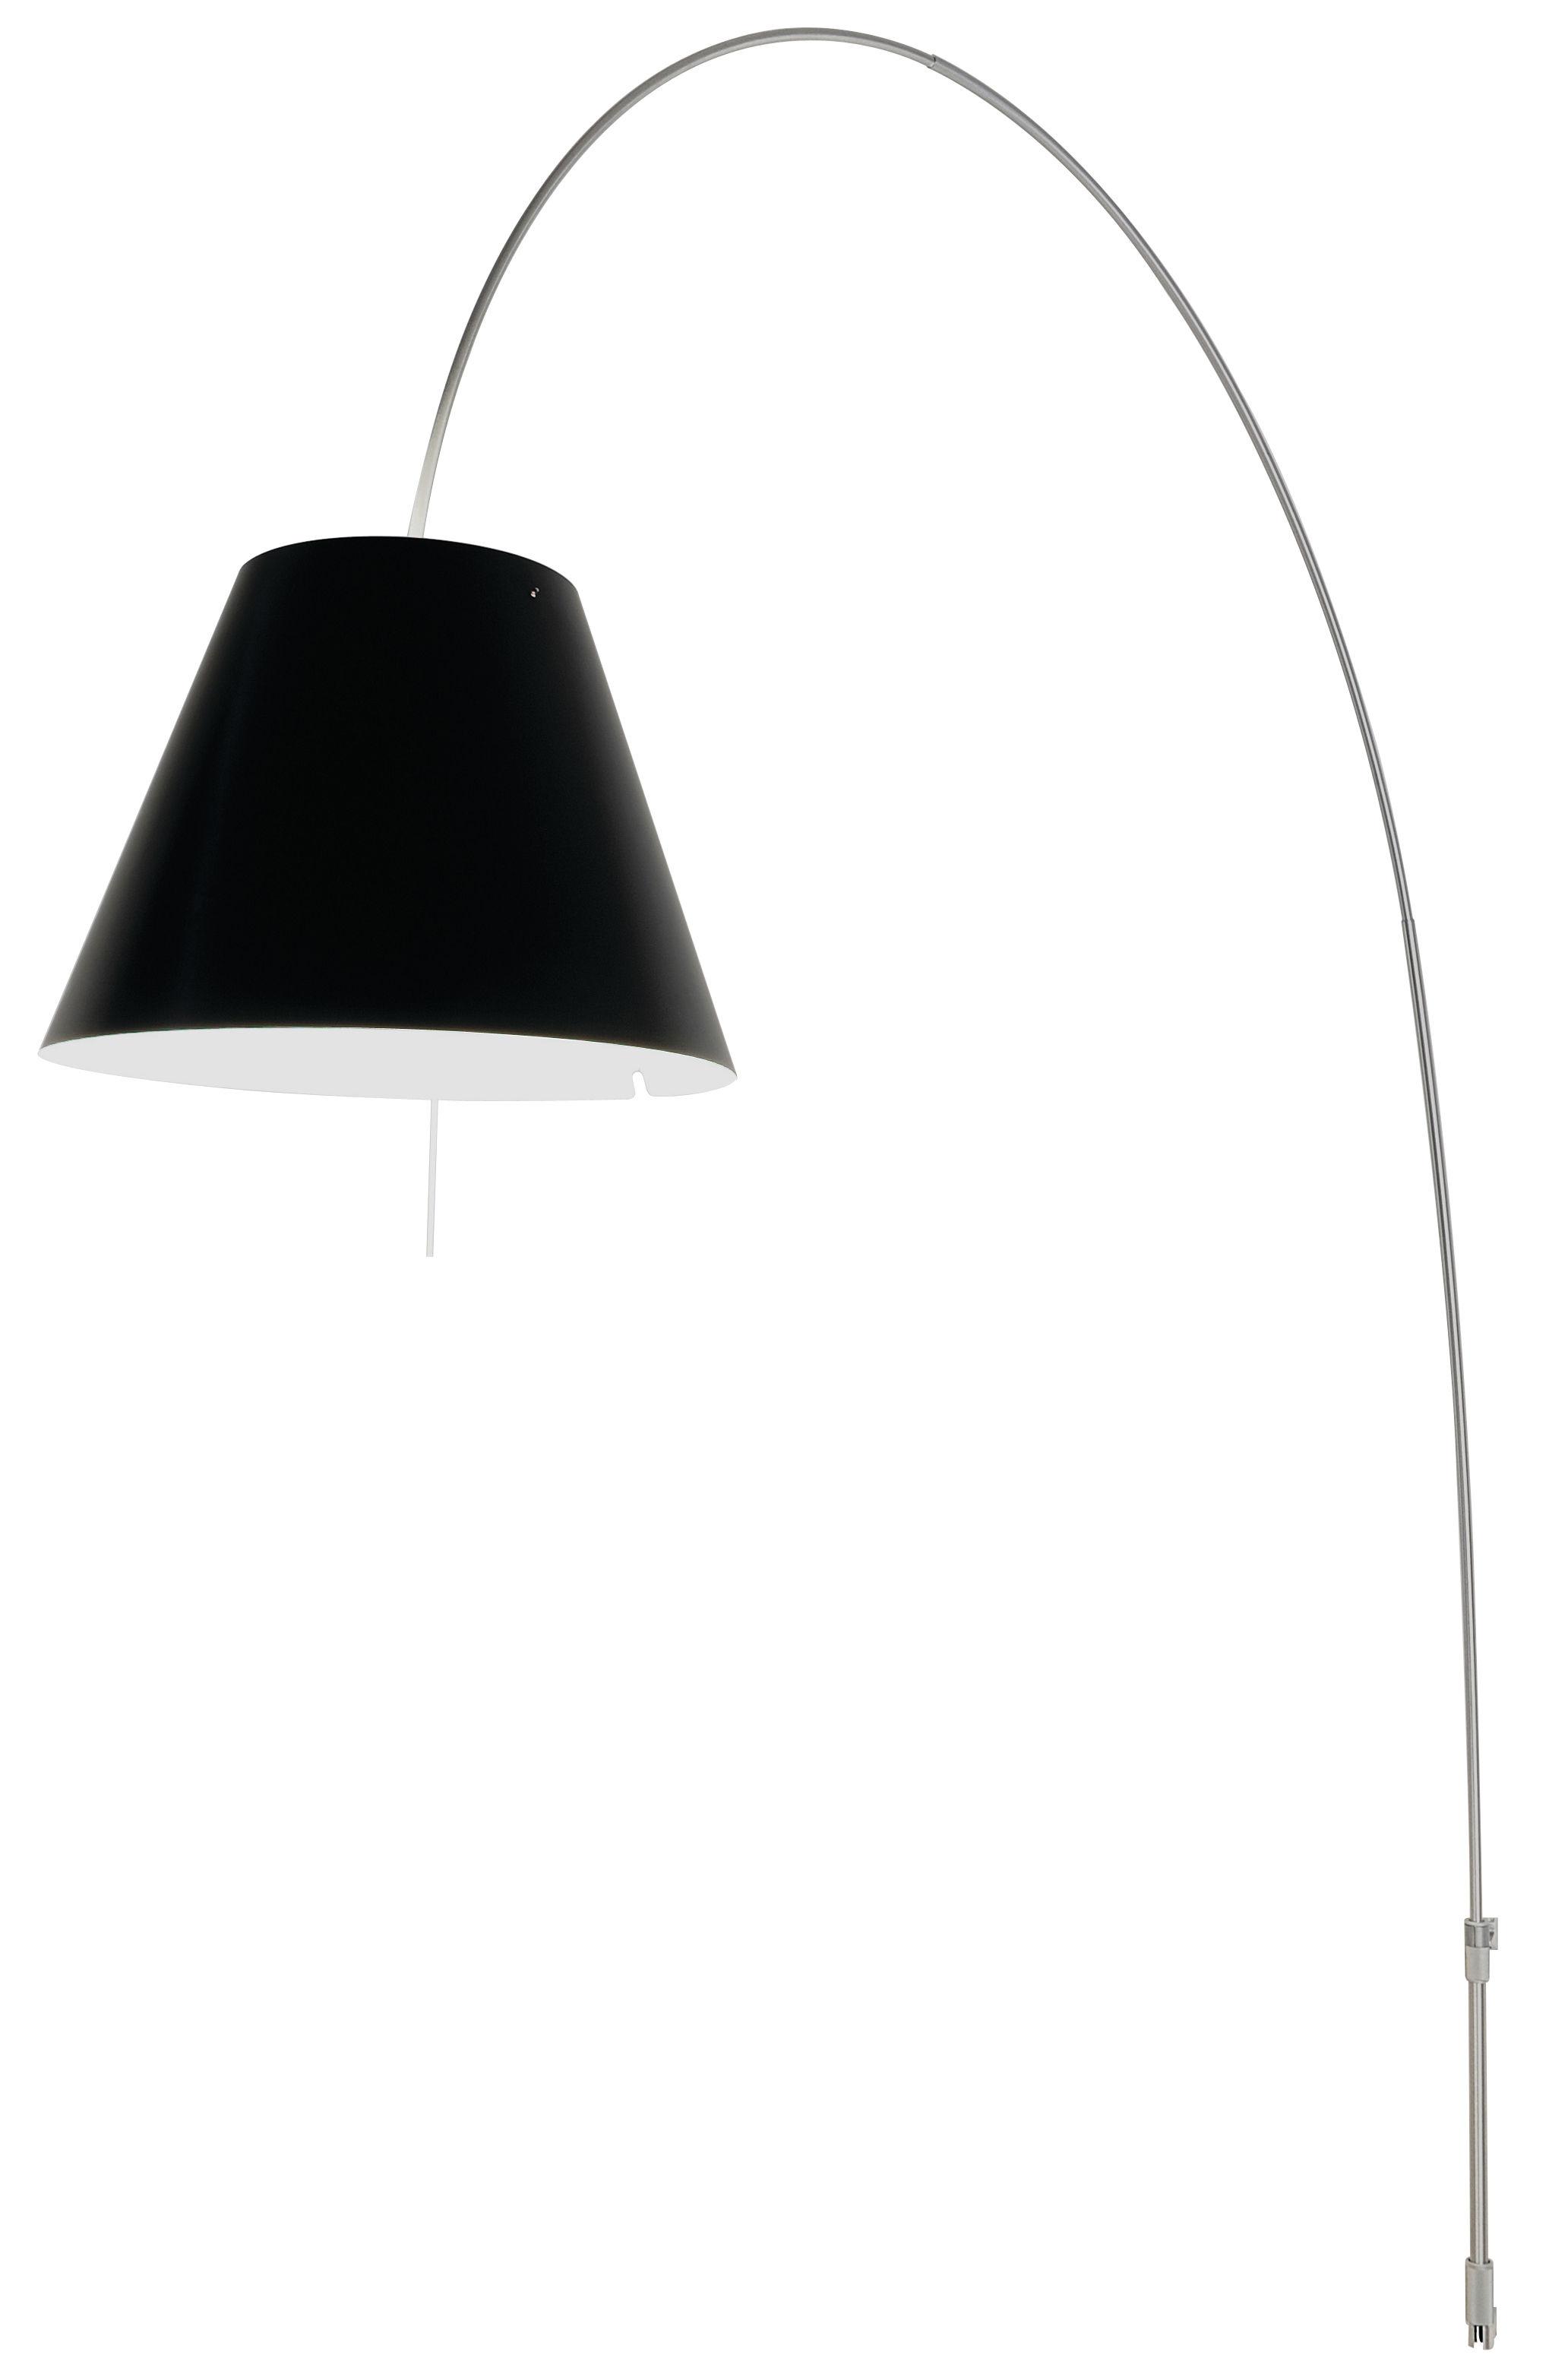 Leuchten - Stehleuchten - Lady Costanza Wandleuchte mit Stromkabel Wandbefestigung - Luceplan - Lampenschirm rot - Aluminium - Aluminium, Polykarbonat